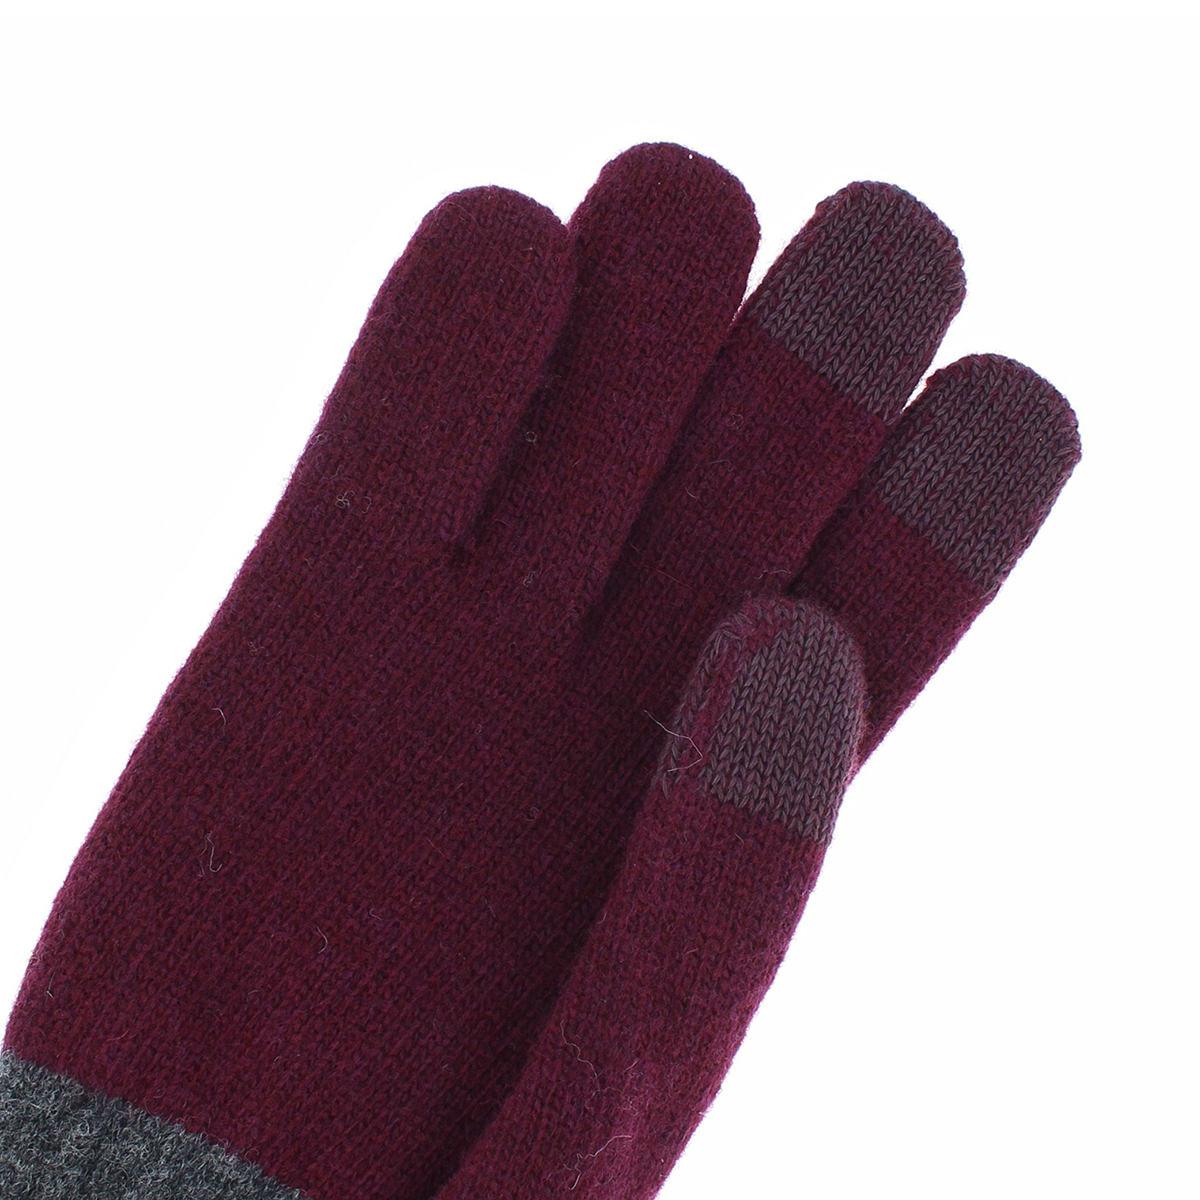 【SALE】手袋メンズニット アニエスベー スマホ対応 防寒 アウトドア 秋 冬 暖かい スポーツ ブランド バイク プレゼント 防風 おしゃれ